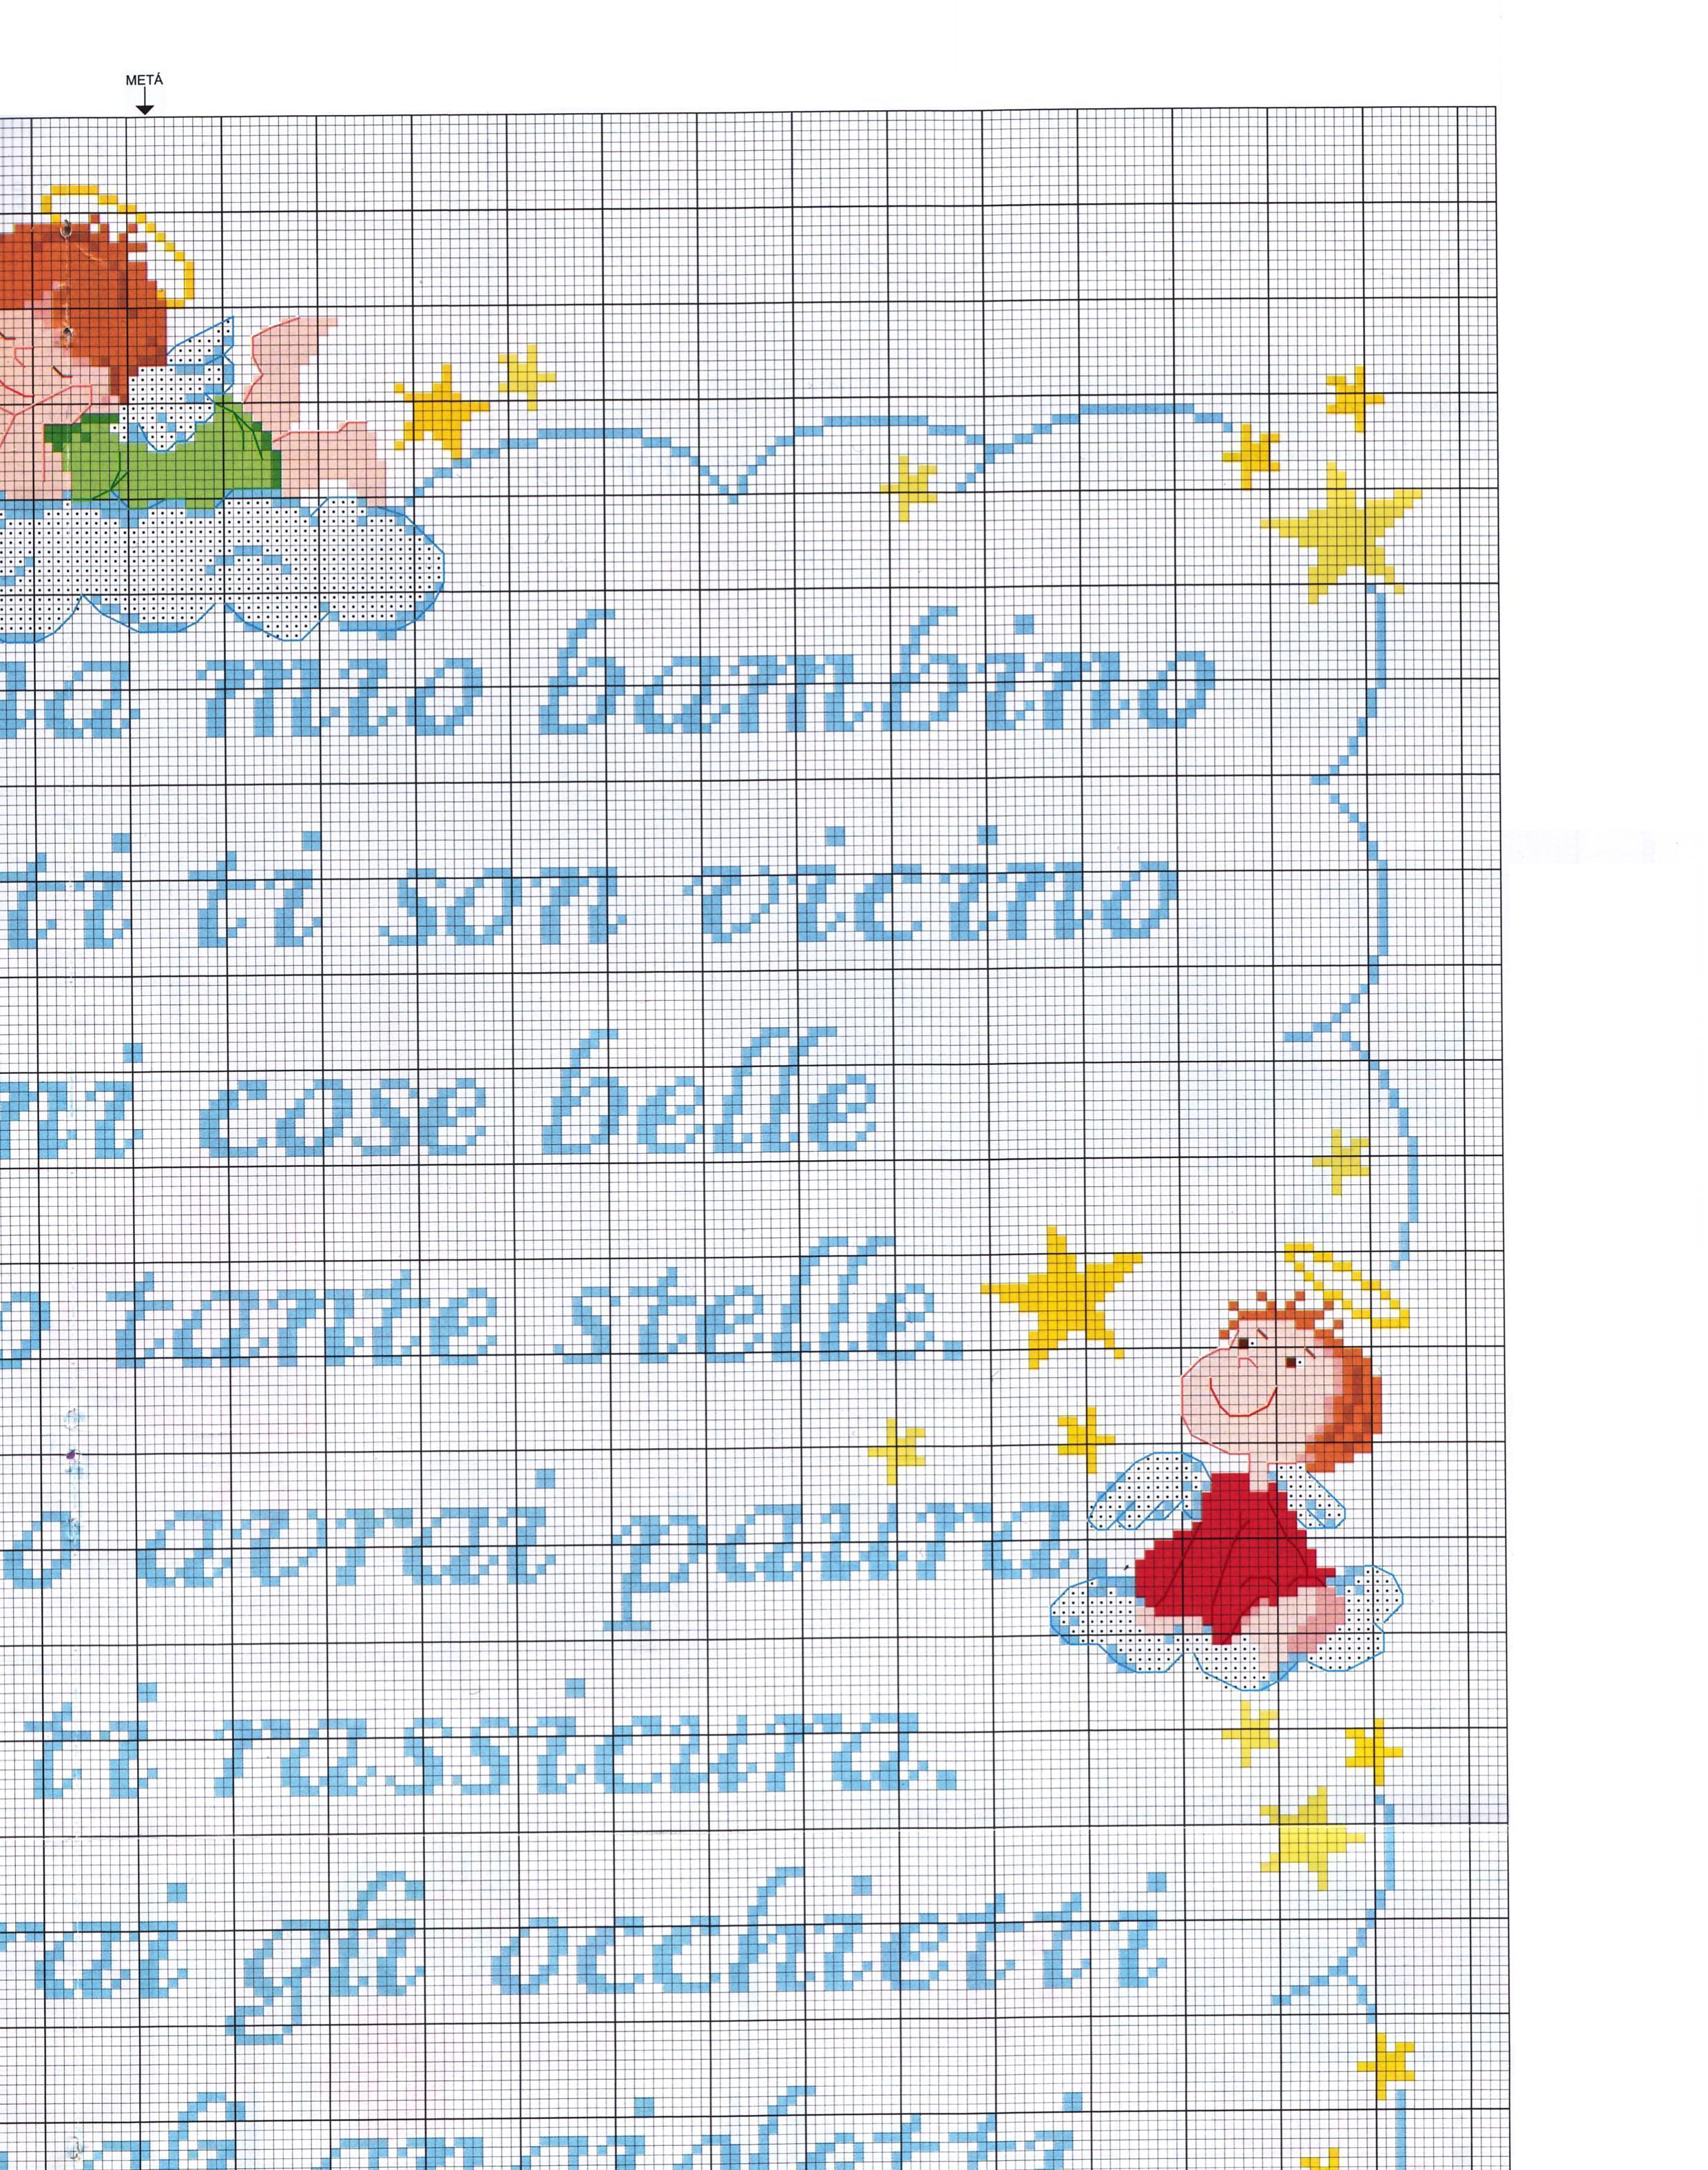 Copertina lenzuolino filastrocca angioletti 5 for Copertine punto croce bimbi schemi